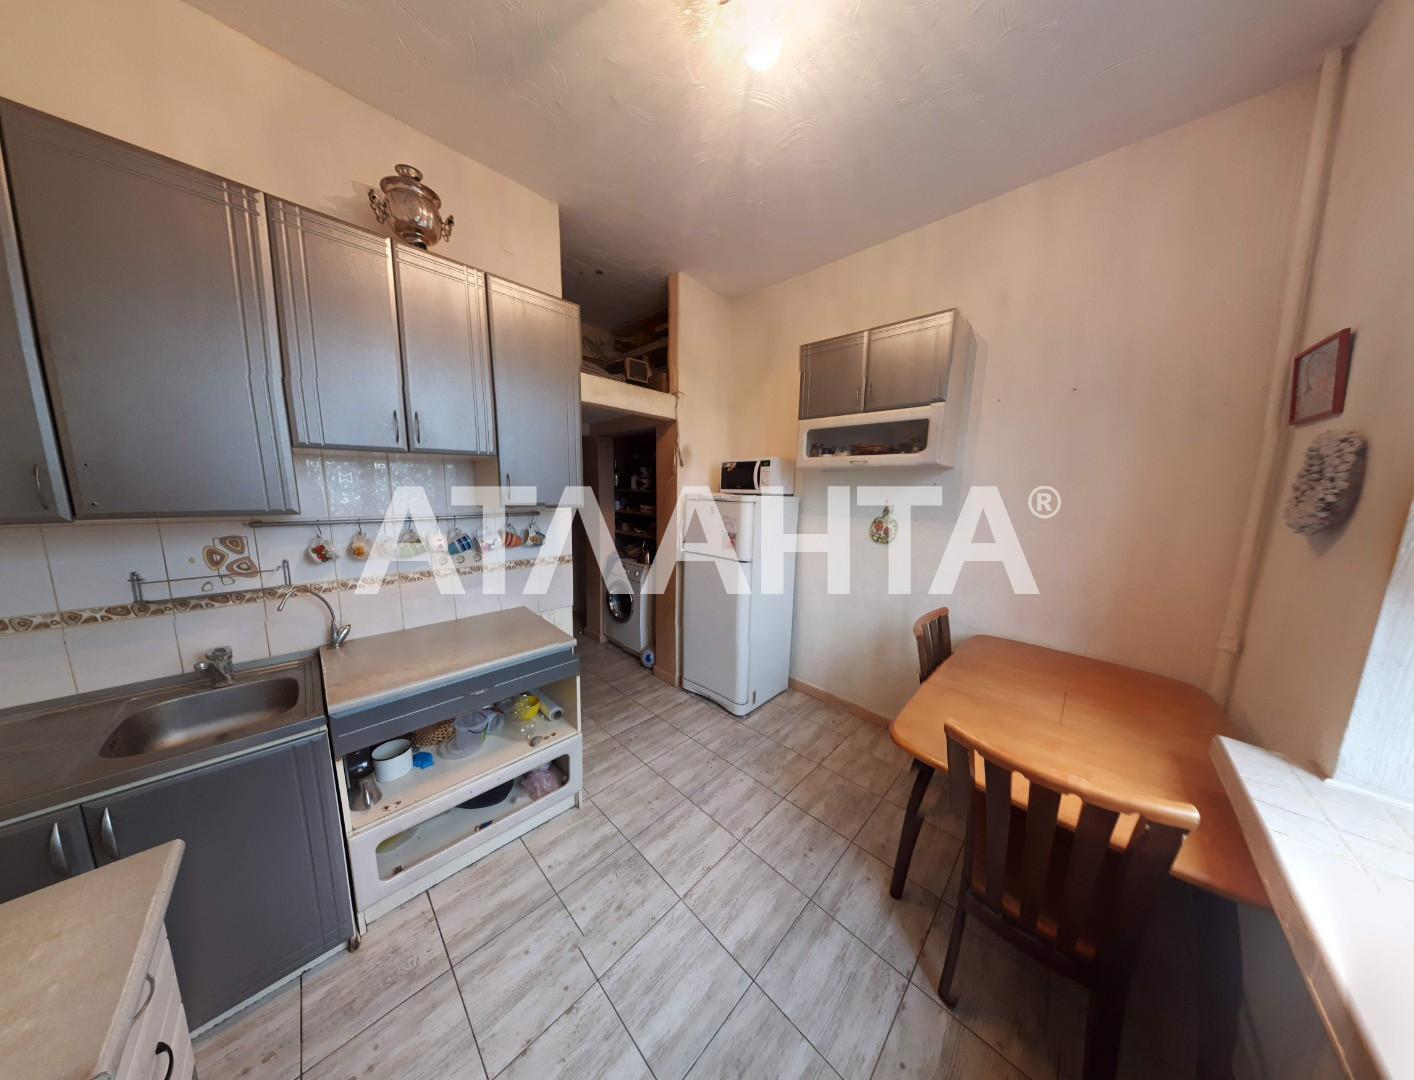 Продается 3-комнатная Квартира на ул. Просп.Науки — 64 900 у.е. (фото №10)